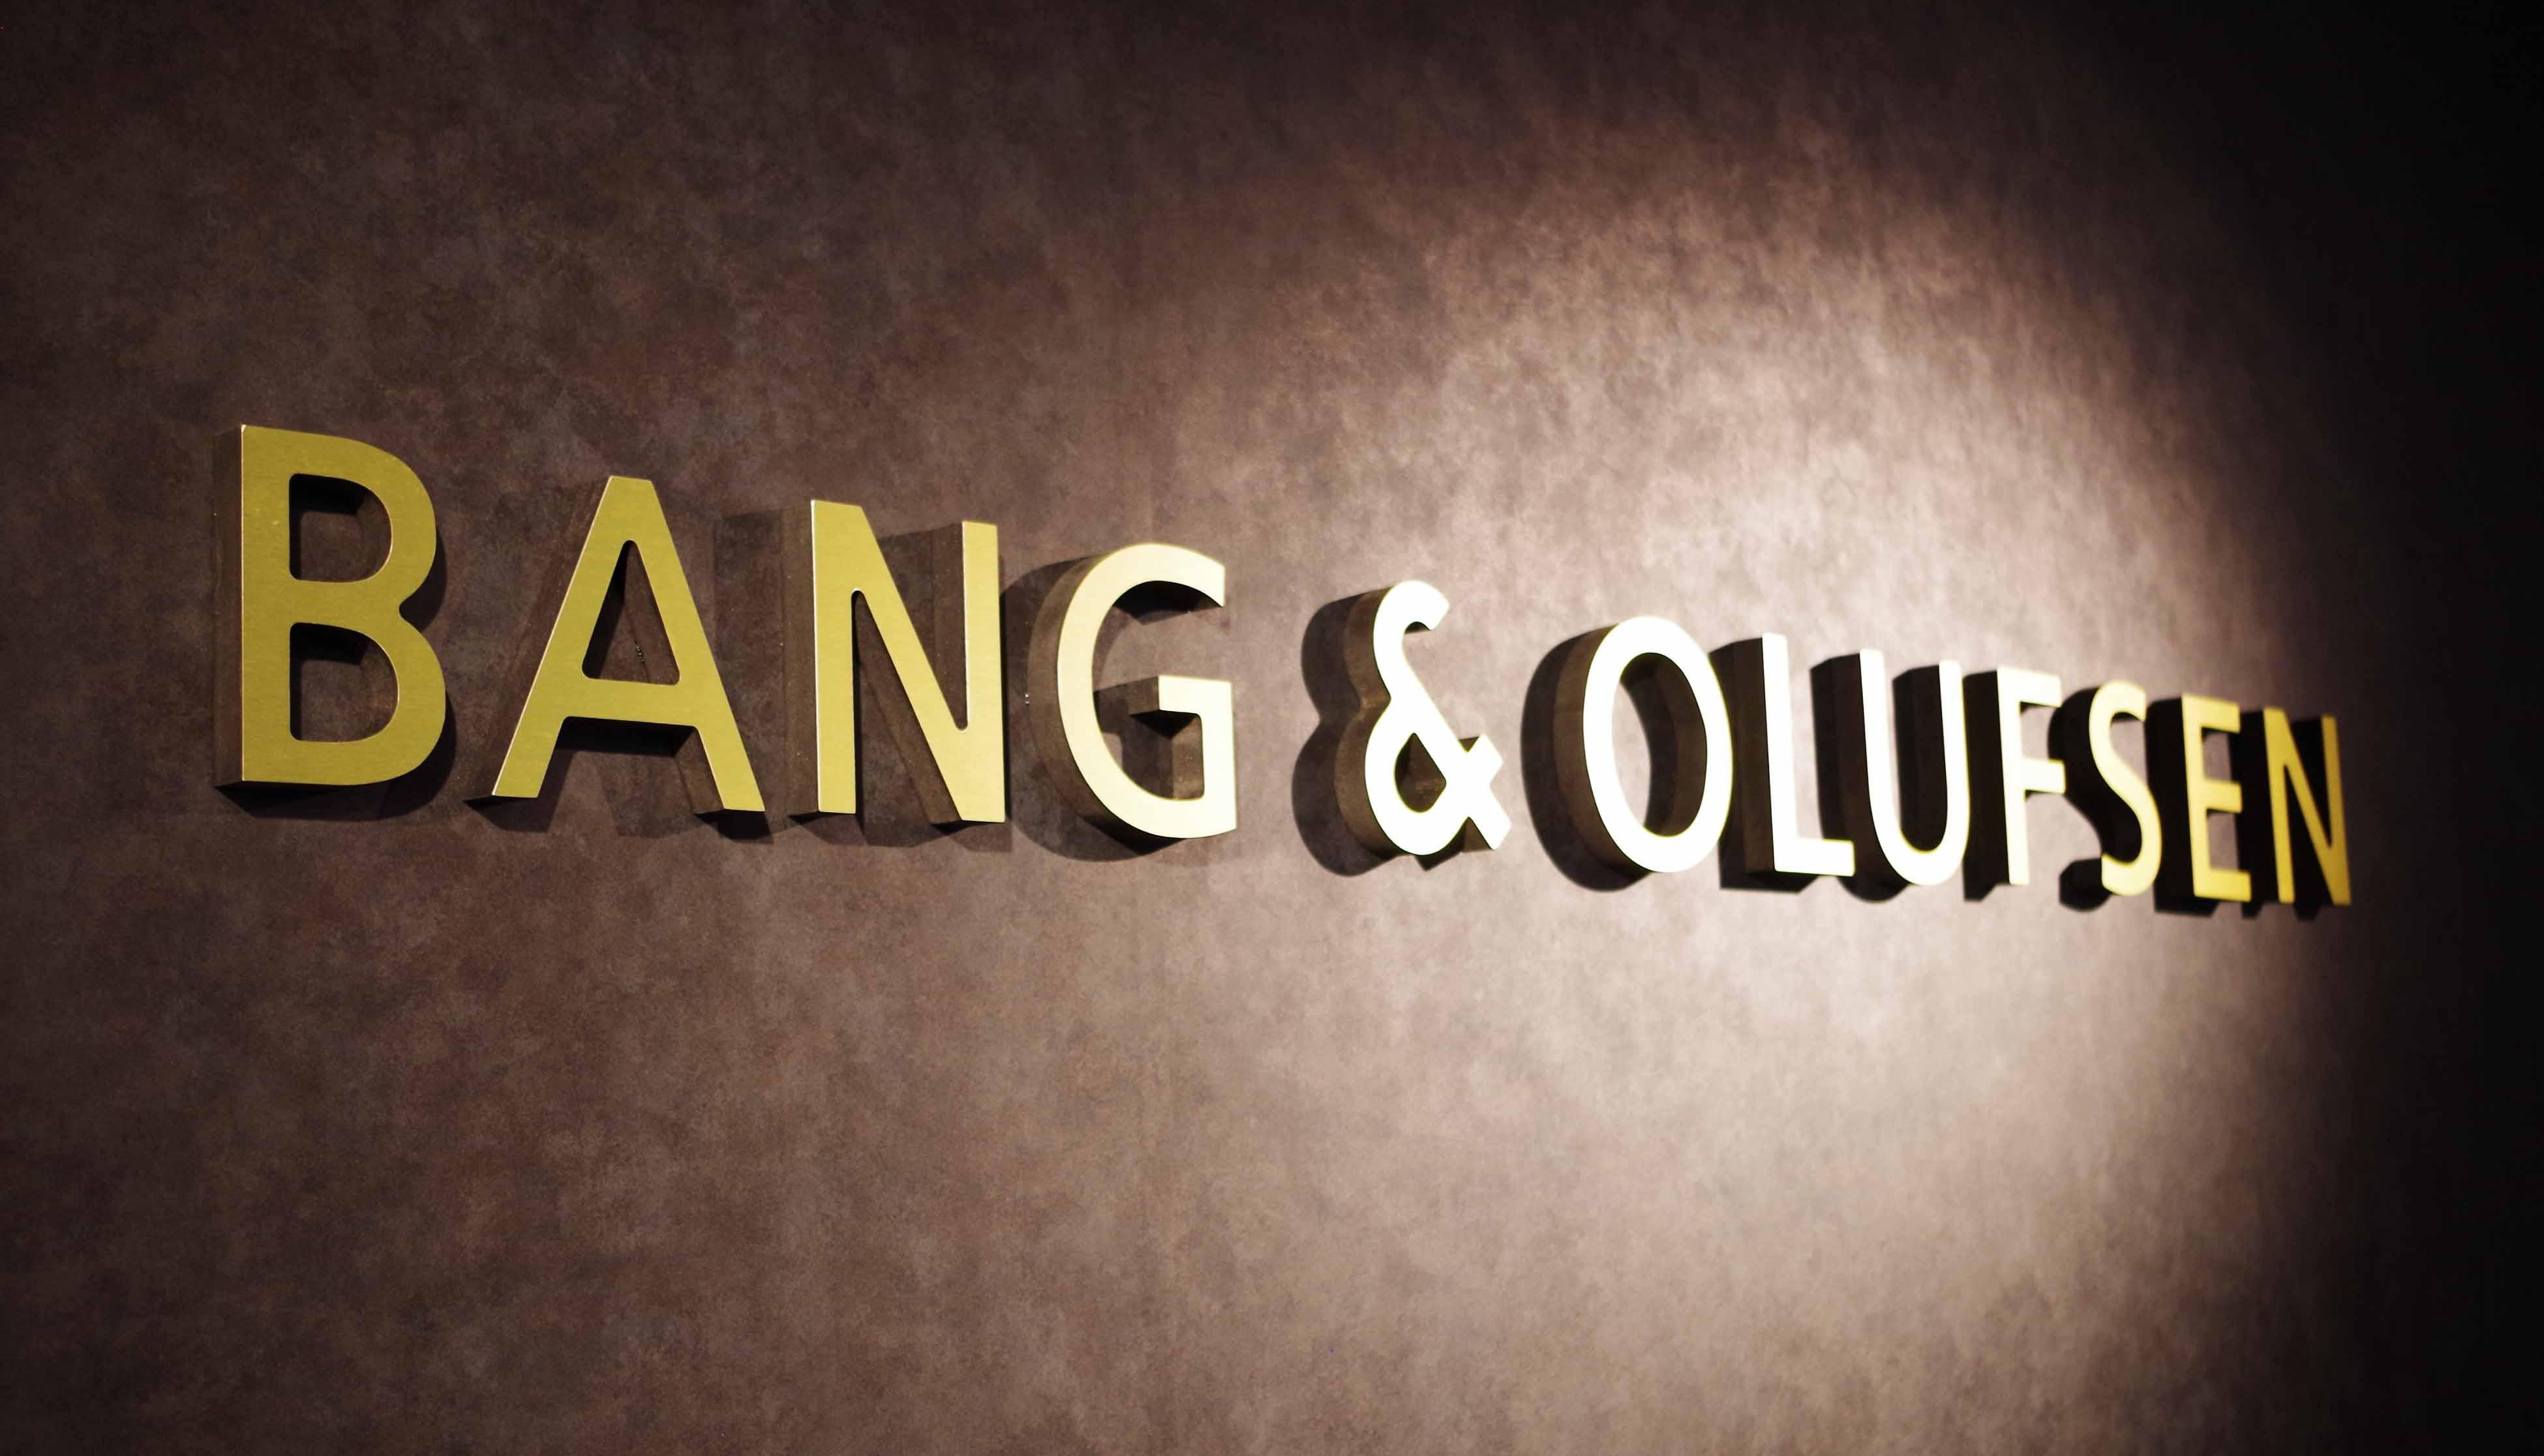 バングアンドオルフセンのロゴ